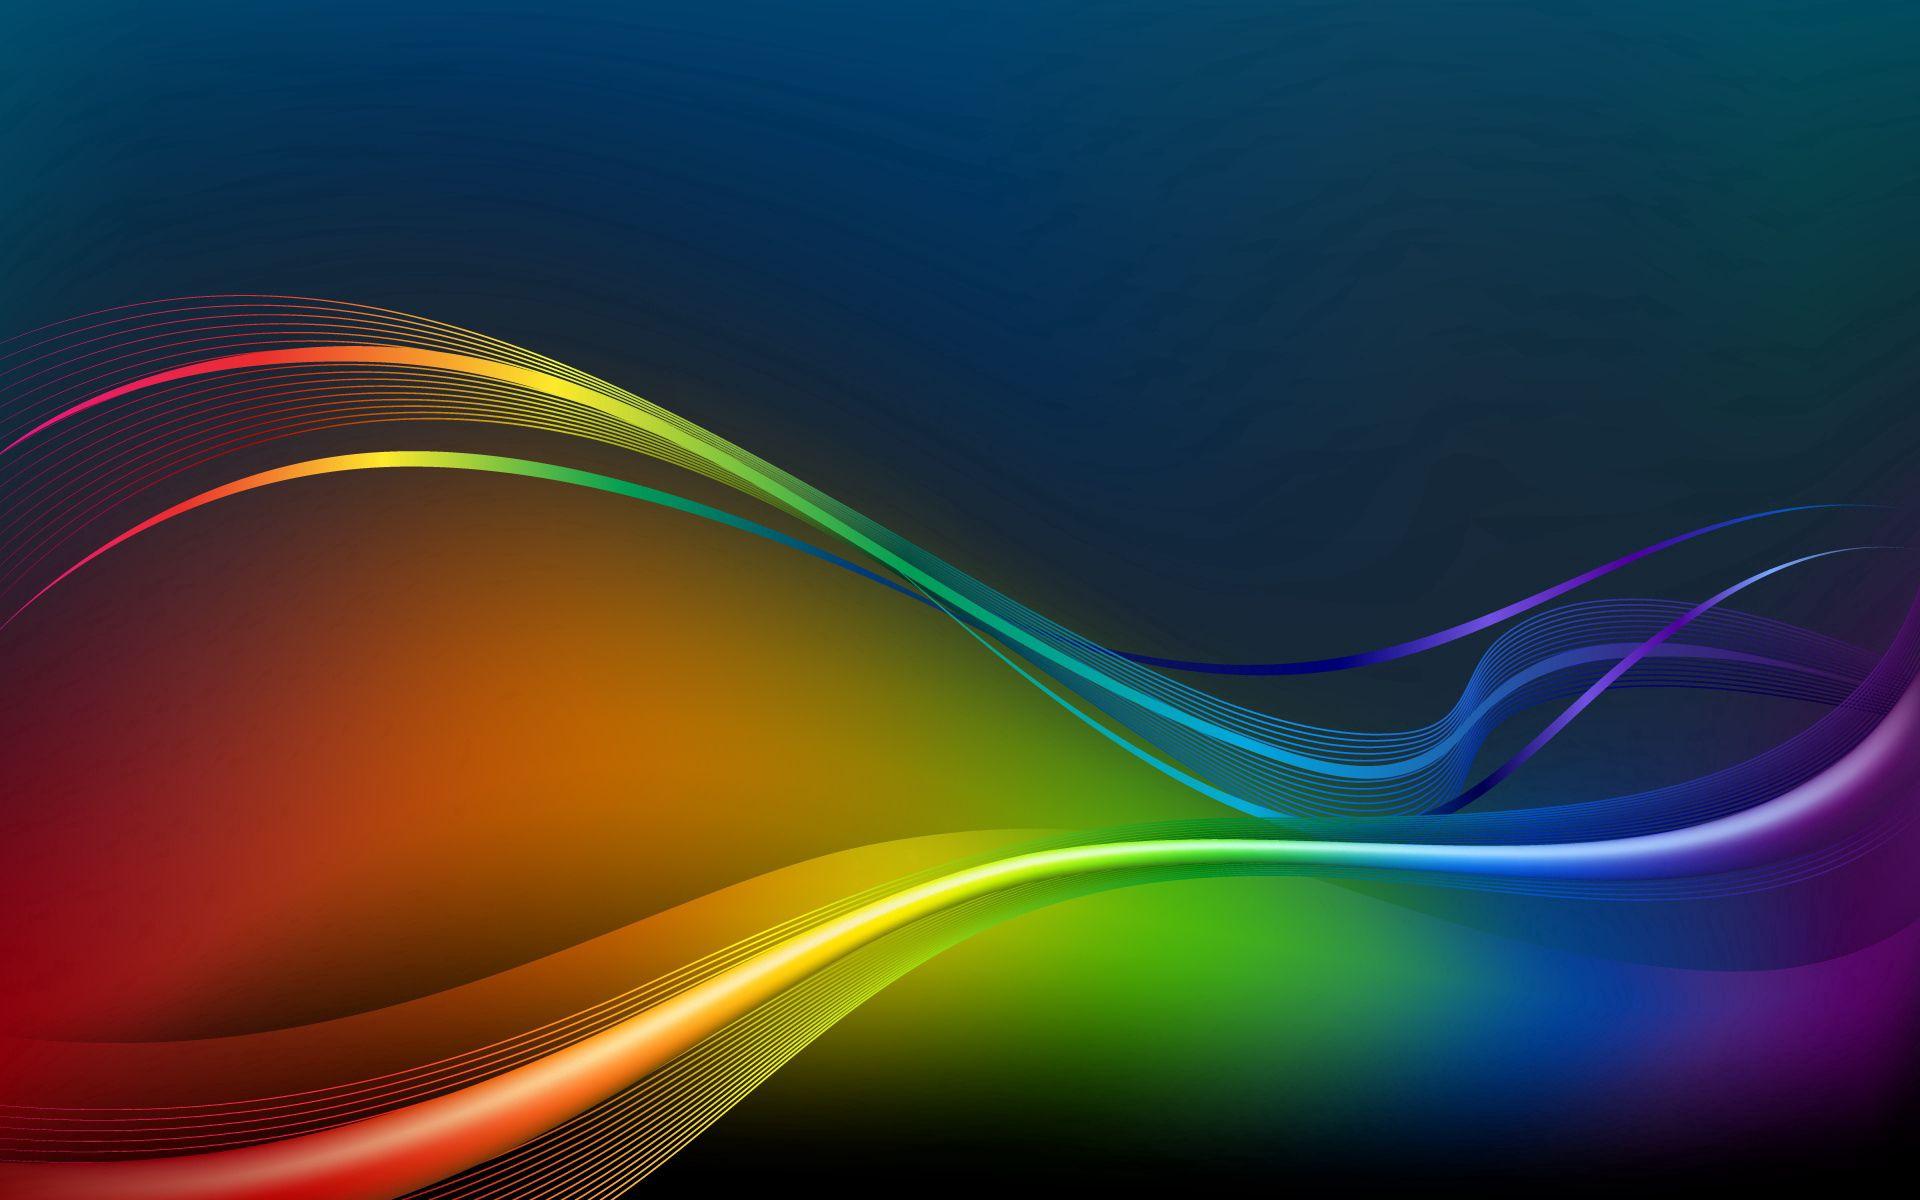 139129 скачать обои Абстракция, Лучи, Линии, Спектр - заставки и картинки бесплатно